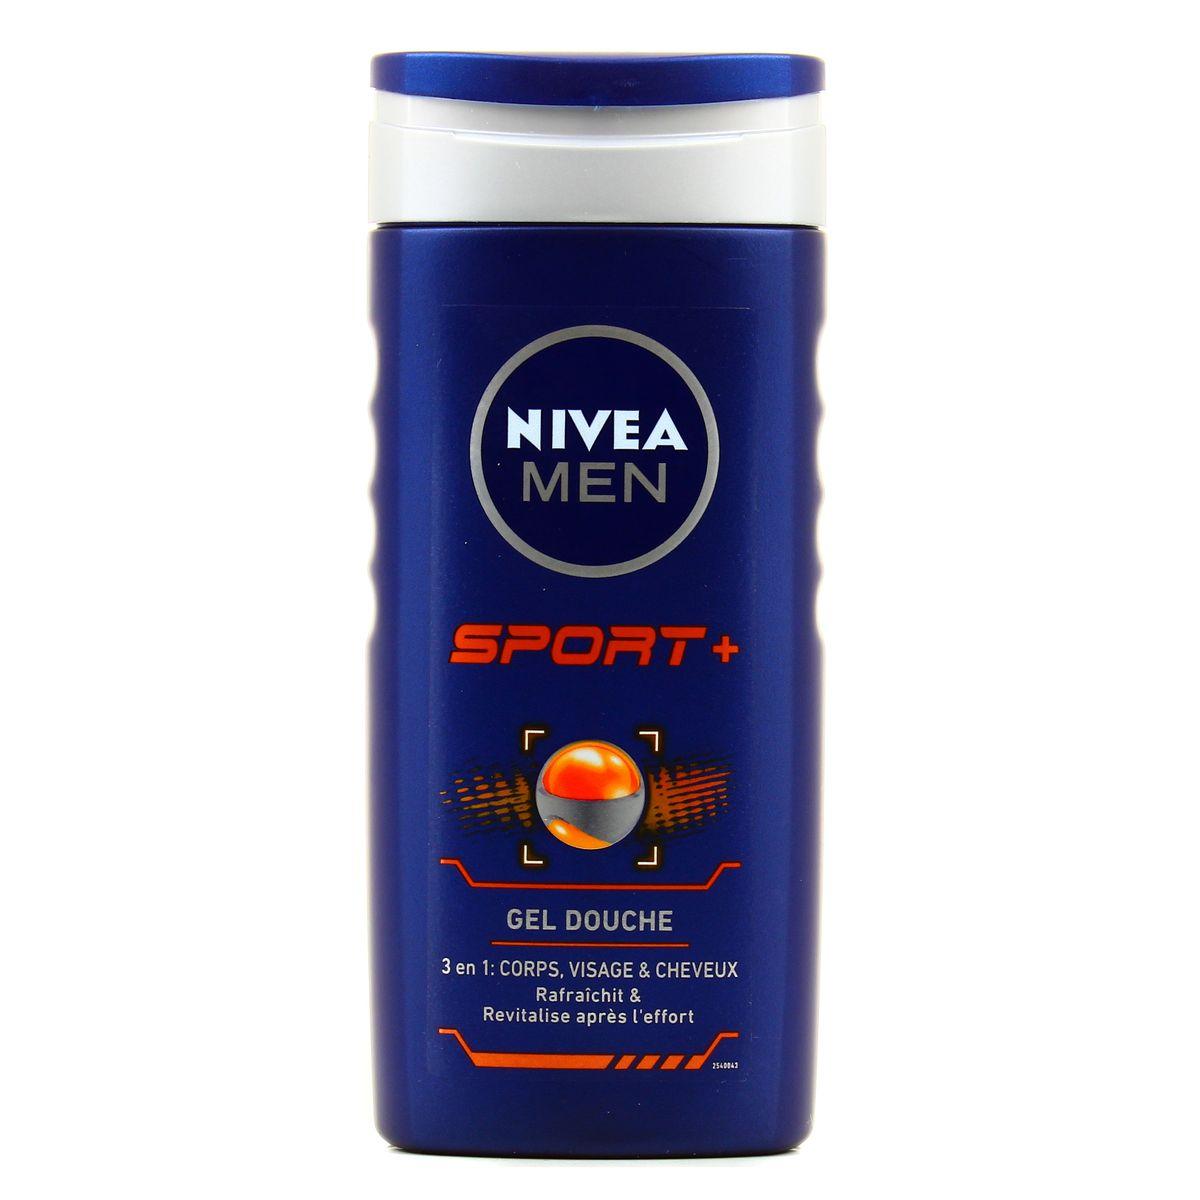 81078  Nivea Men gel douche SPORT ( 250ML )